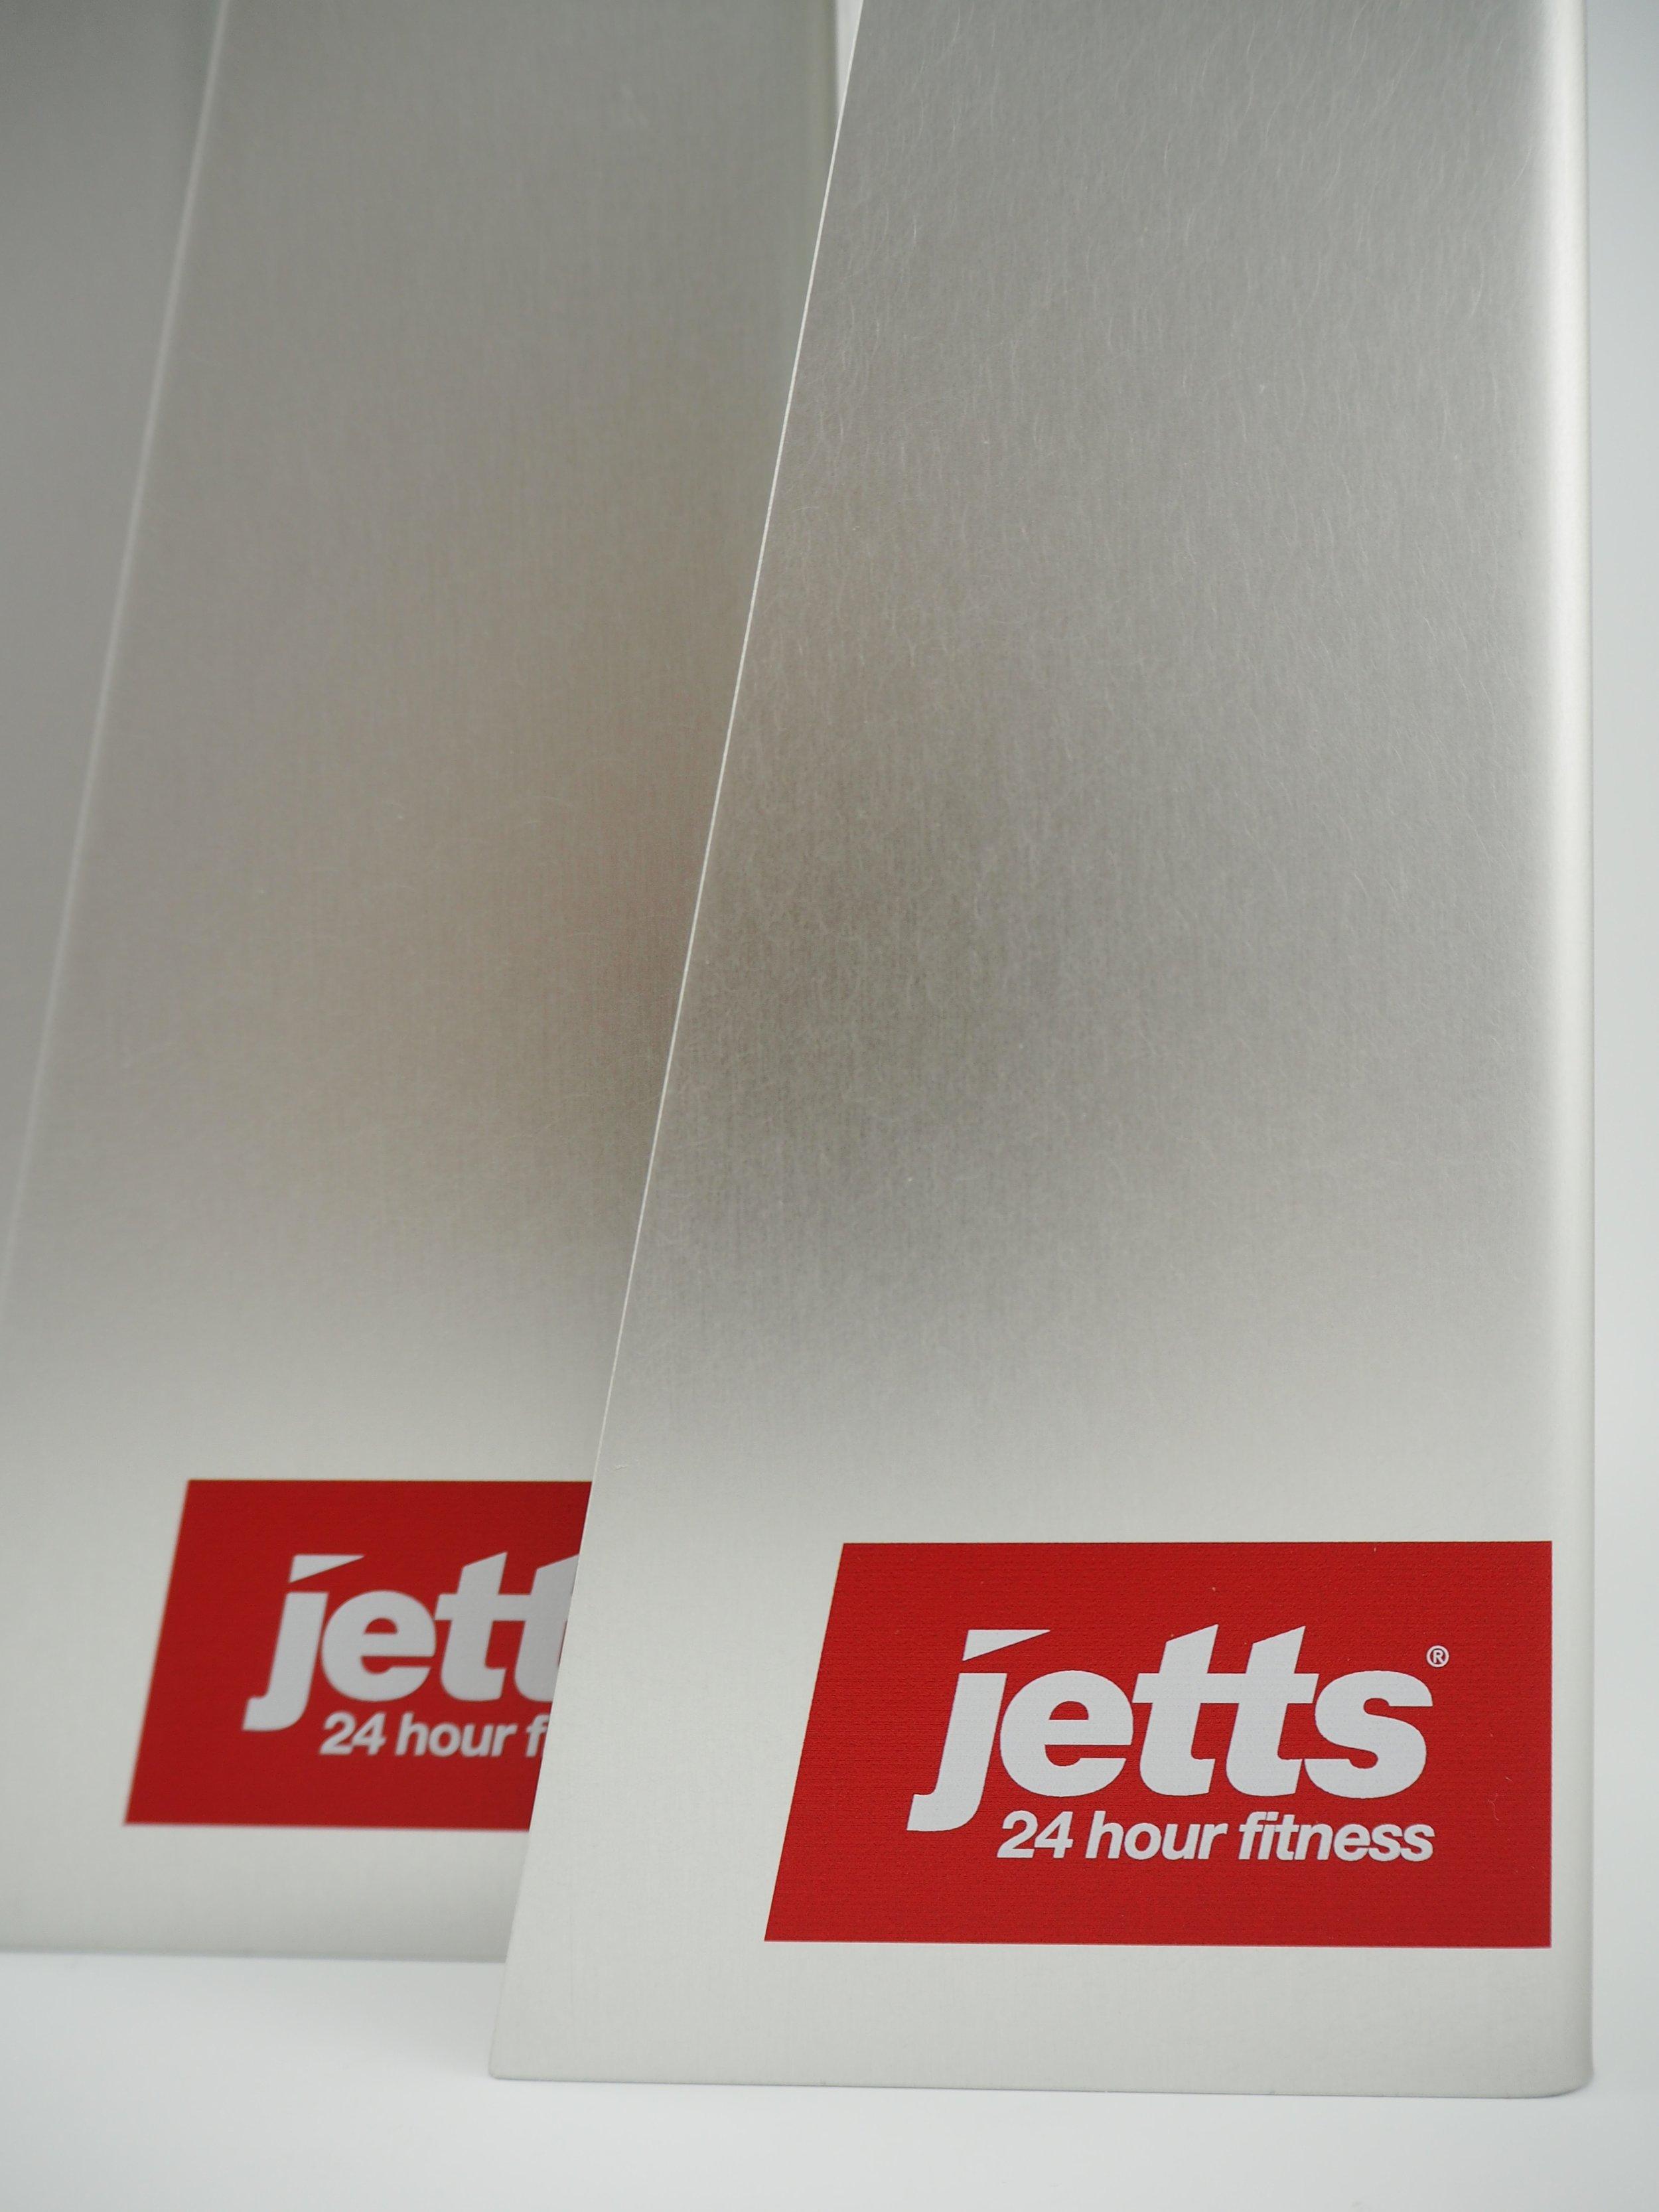 Jetts-eco-aluminium-trophy-award-06.jpg